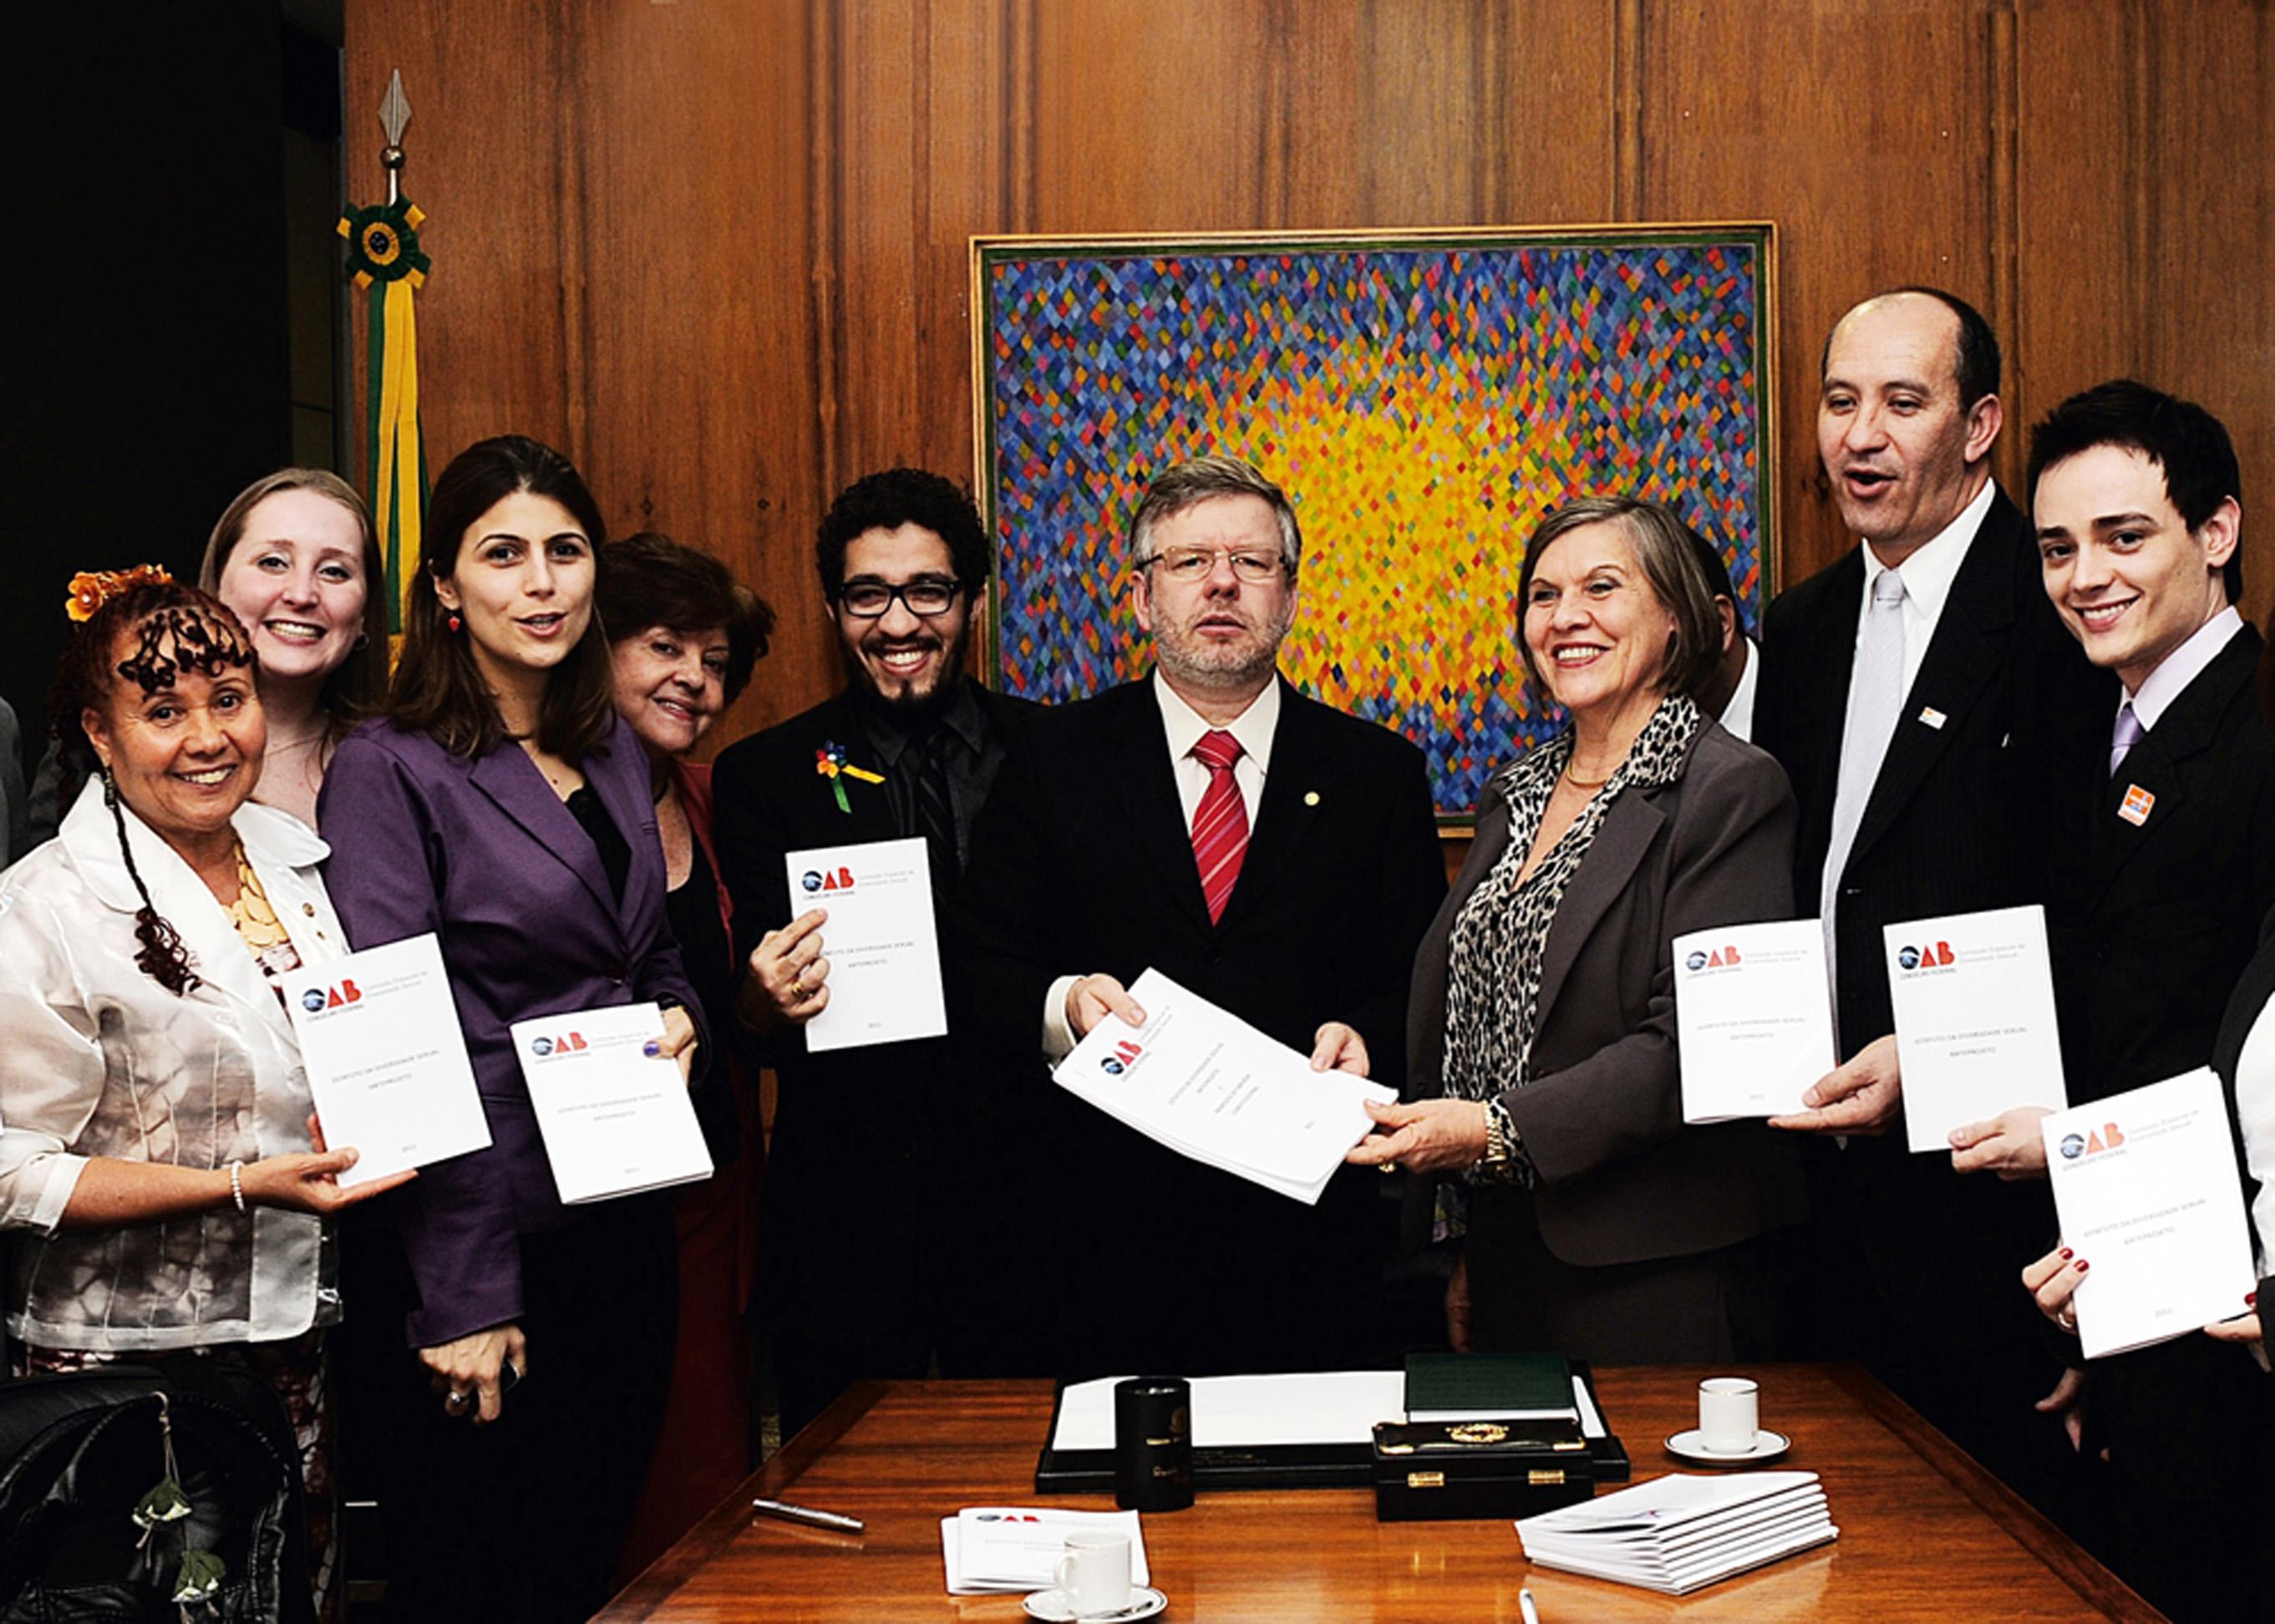 Com Jean Wyllys na entrega do anteprojeto do Estatuto da Diversidade Sexual ao presidente da Câmara, em 2011